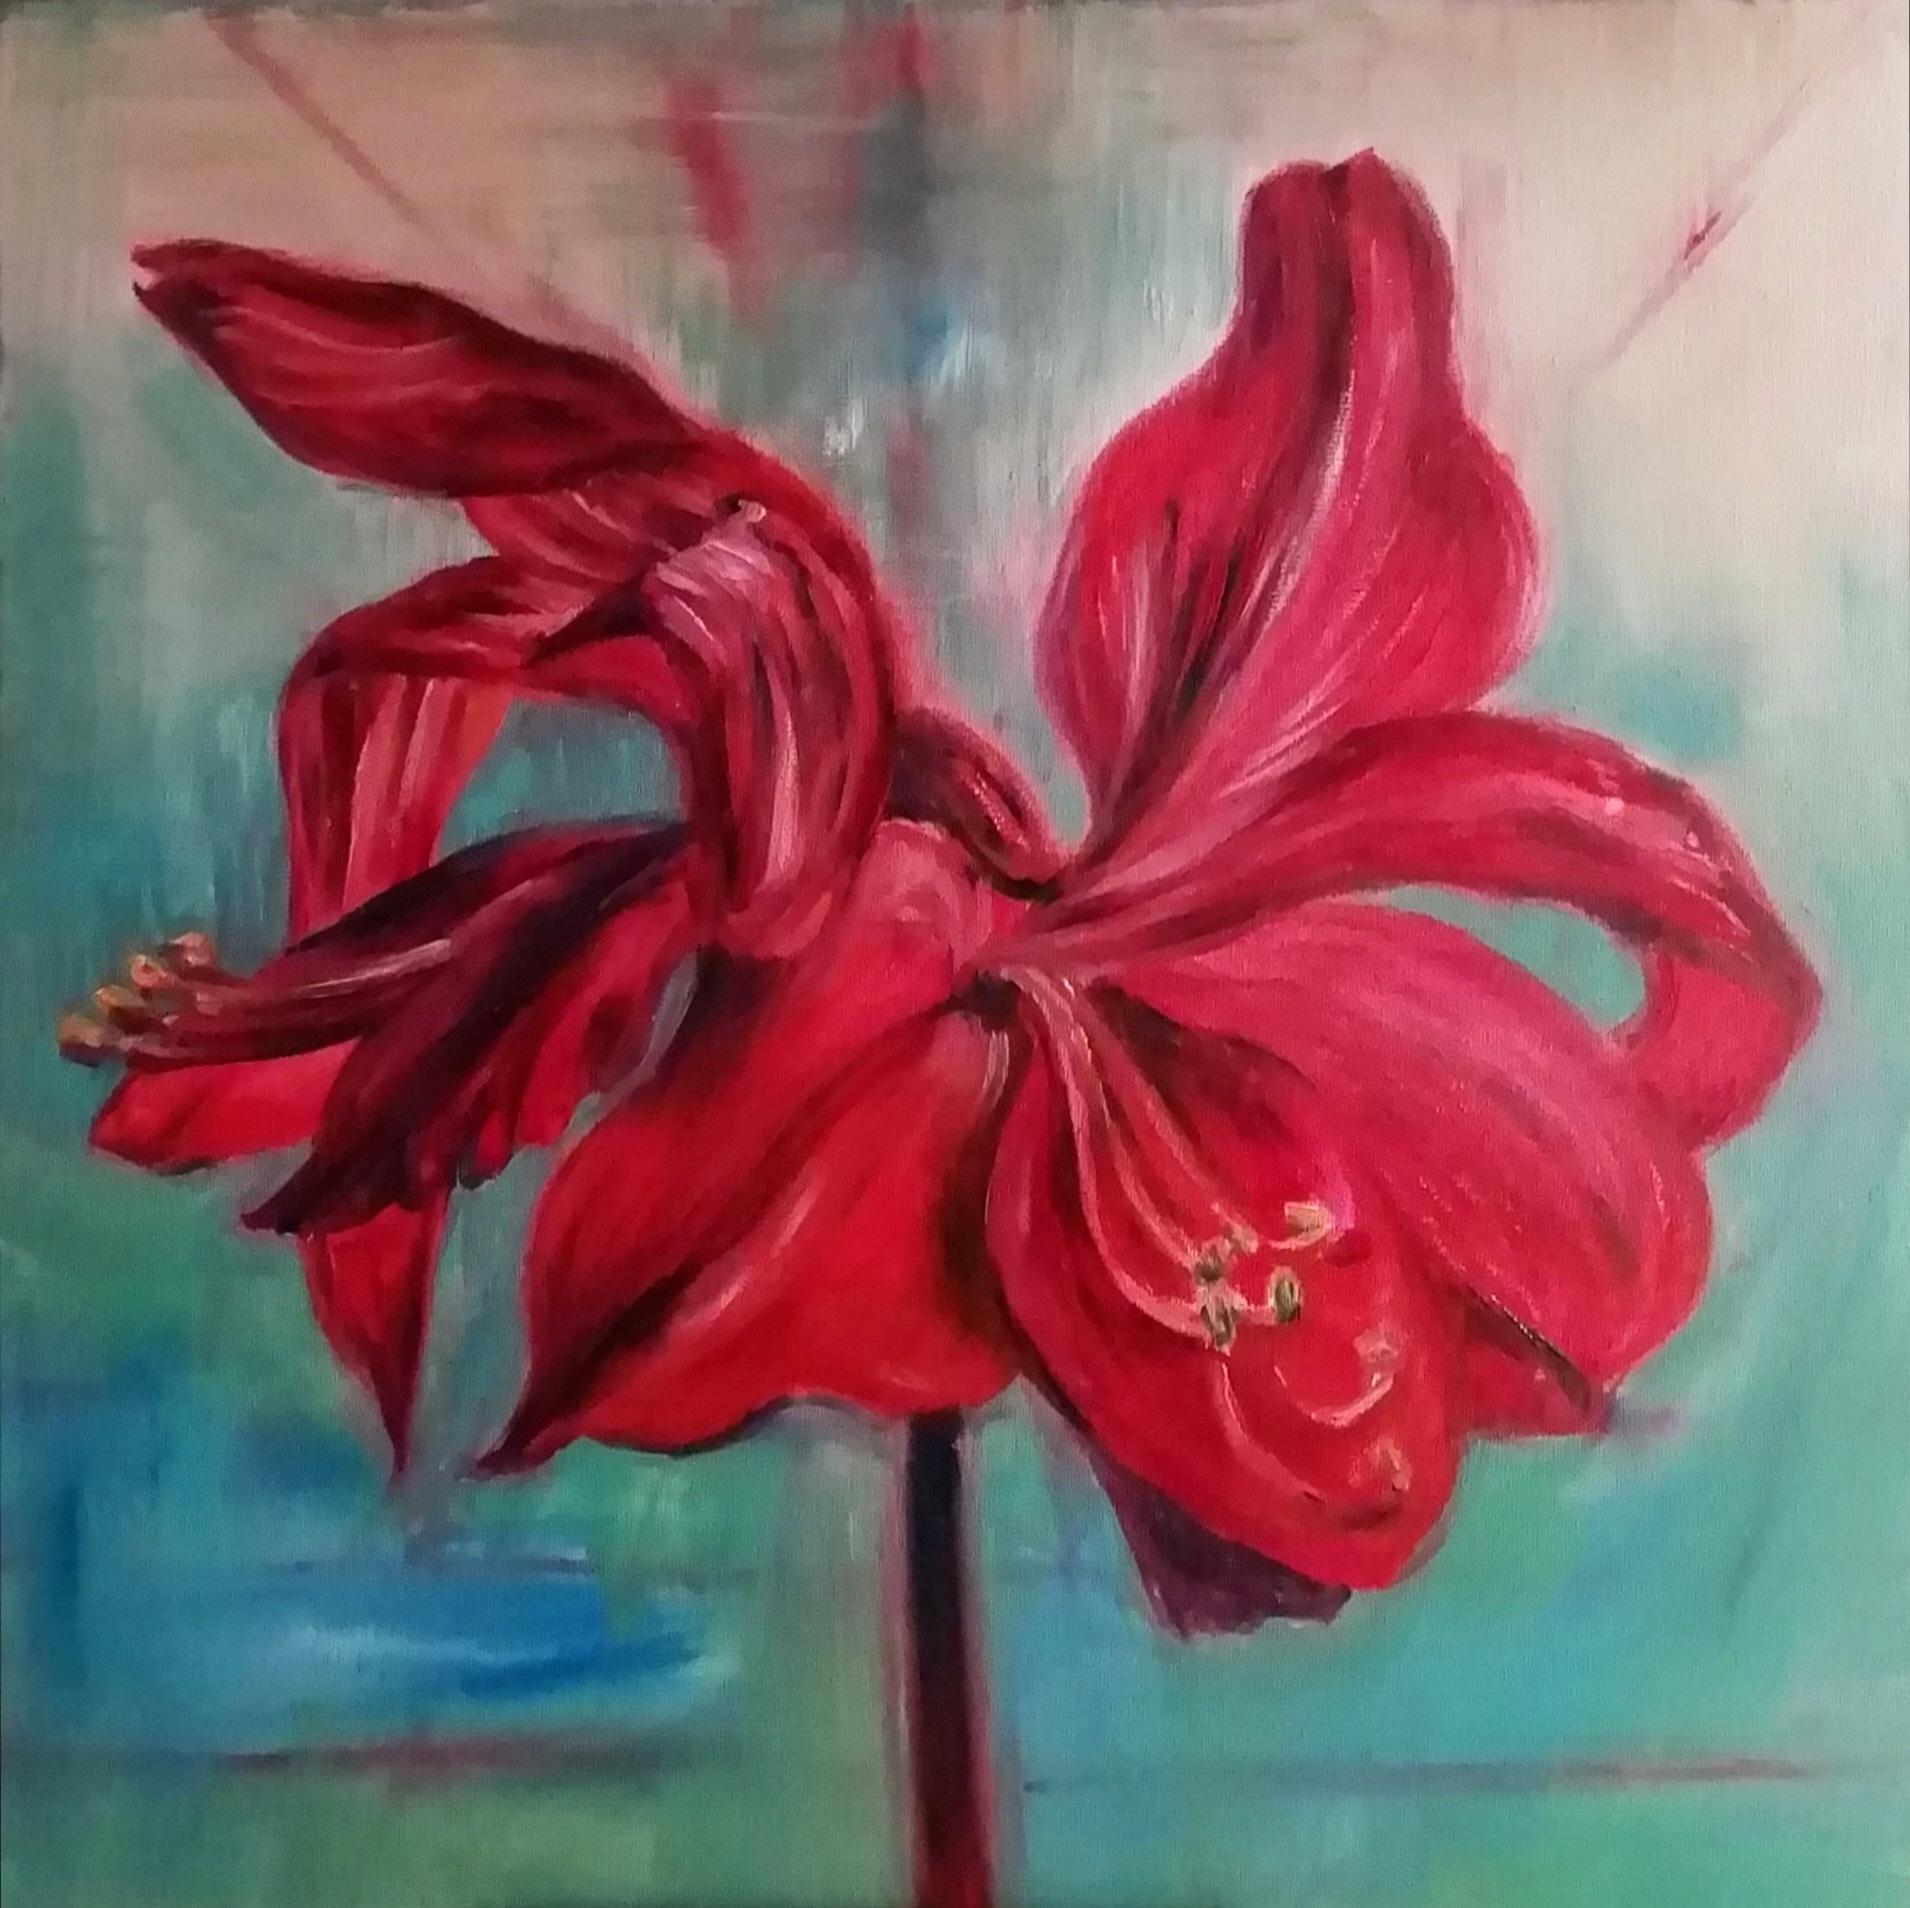 Flower II, 2020